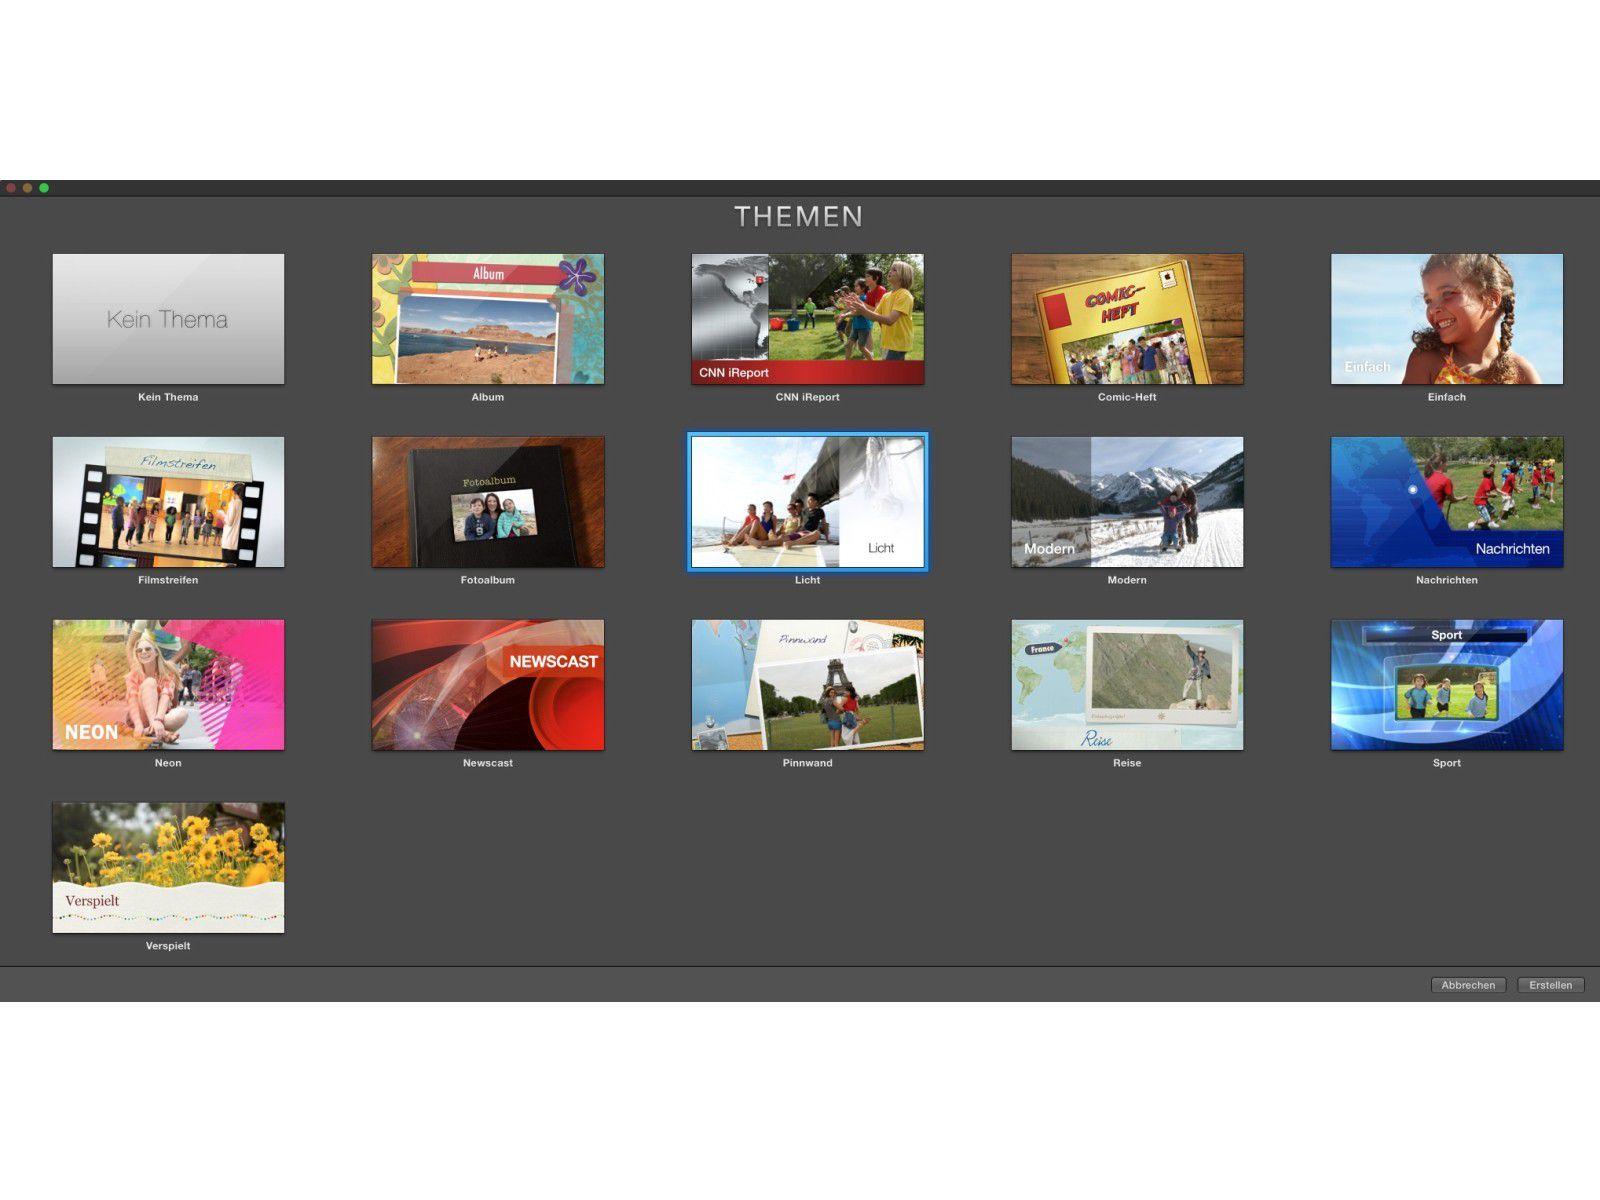 Vorlagen in iMovie zeitsparend nutzen und ändern - Macwelt